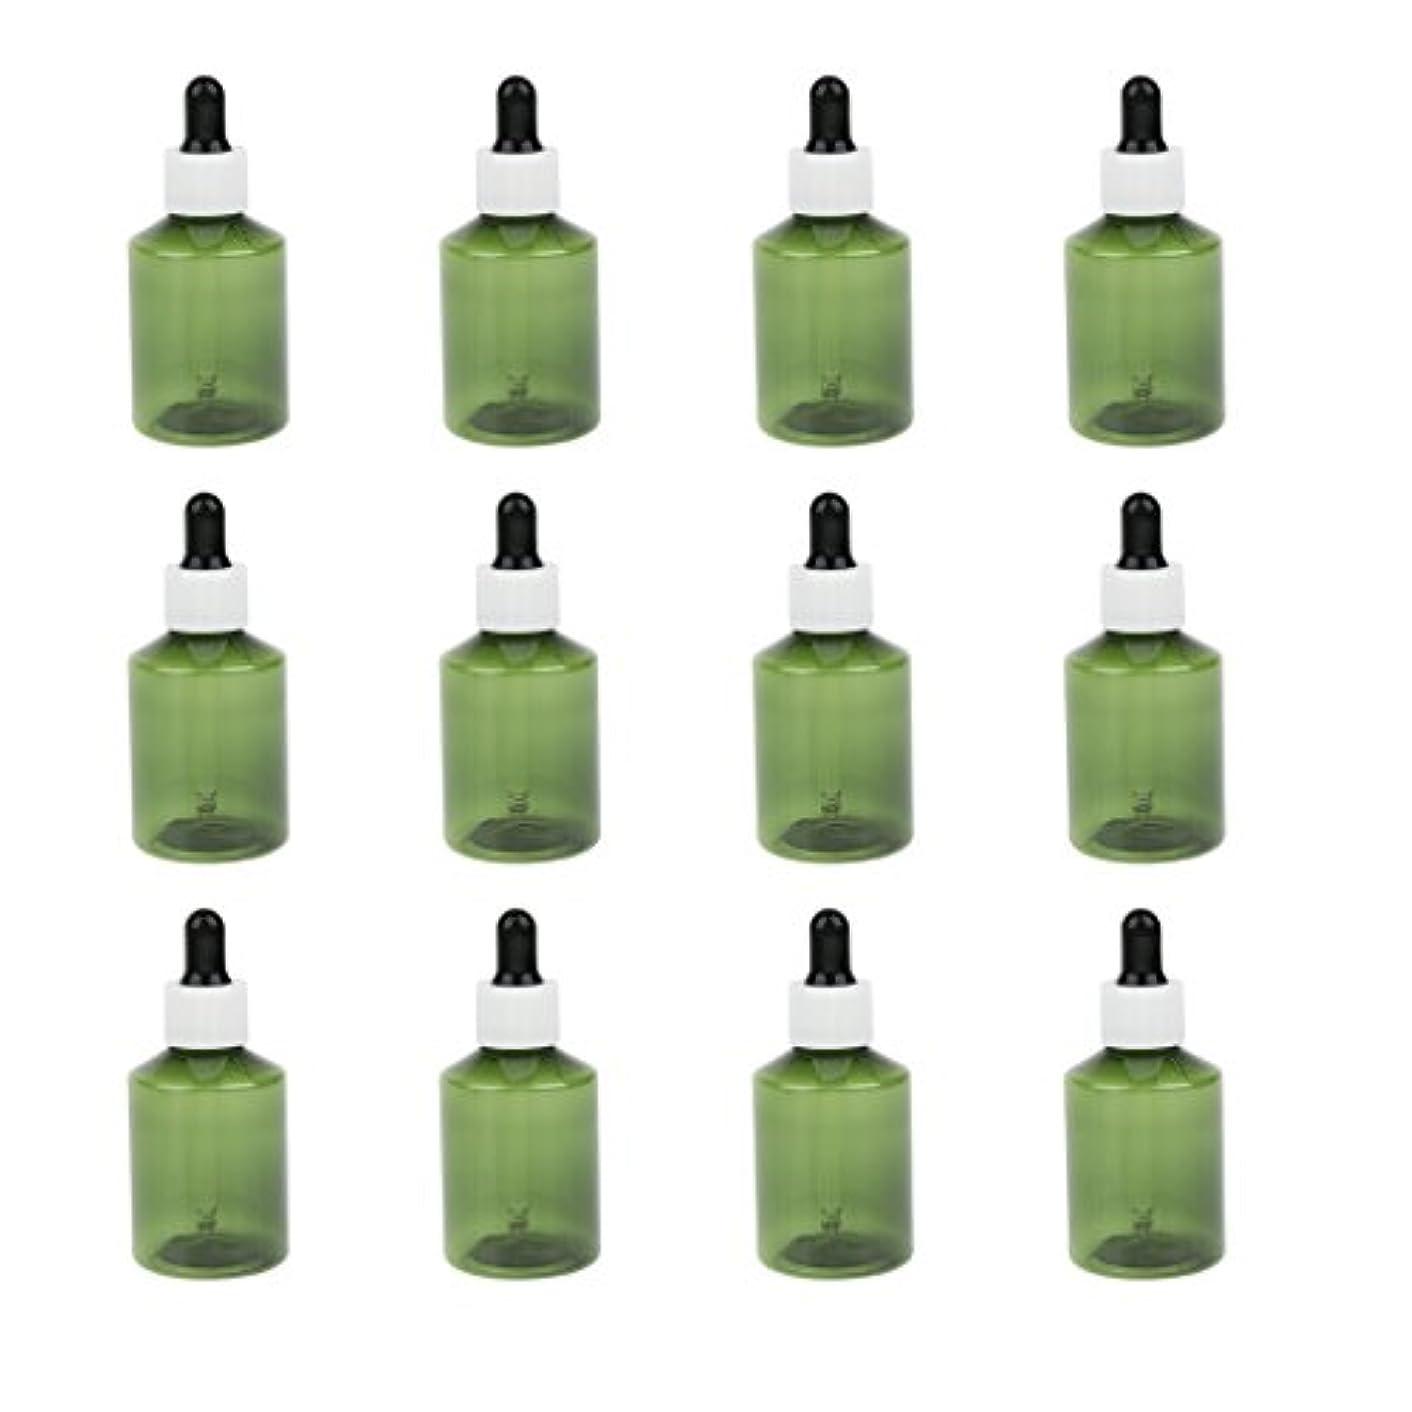 公爵夫人最終的にたっぷりドロッパーボトル 詰め替え式 点滴びん 50ml エッセンシャルオイル 精油 6仕様選べ - ホワイトキャップブラックドロッパー